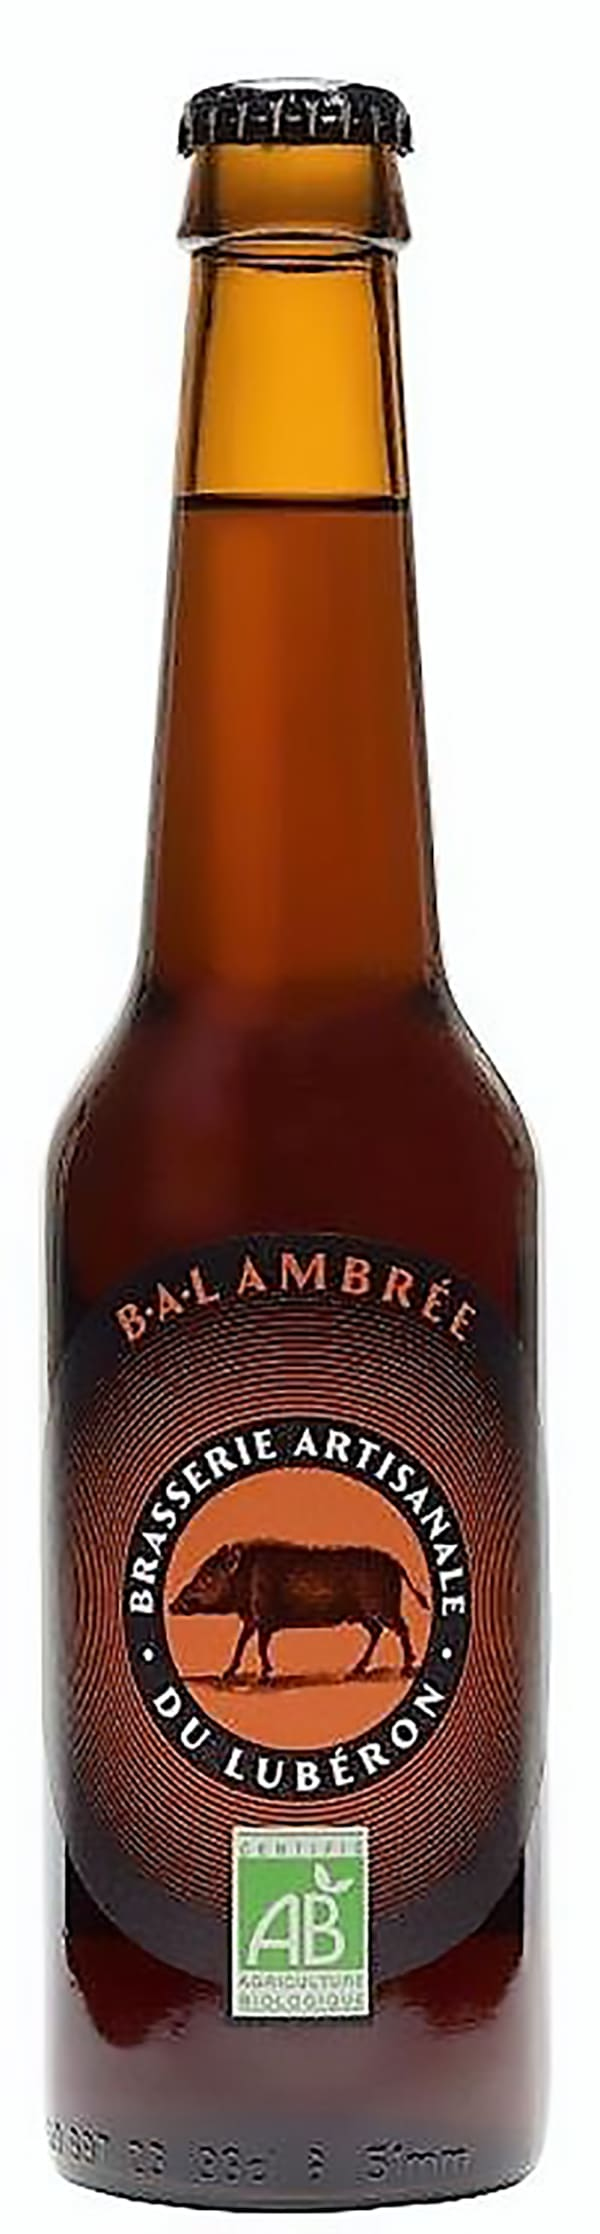 Bal Ambree